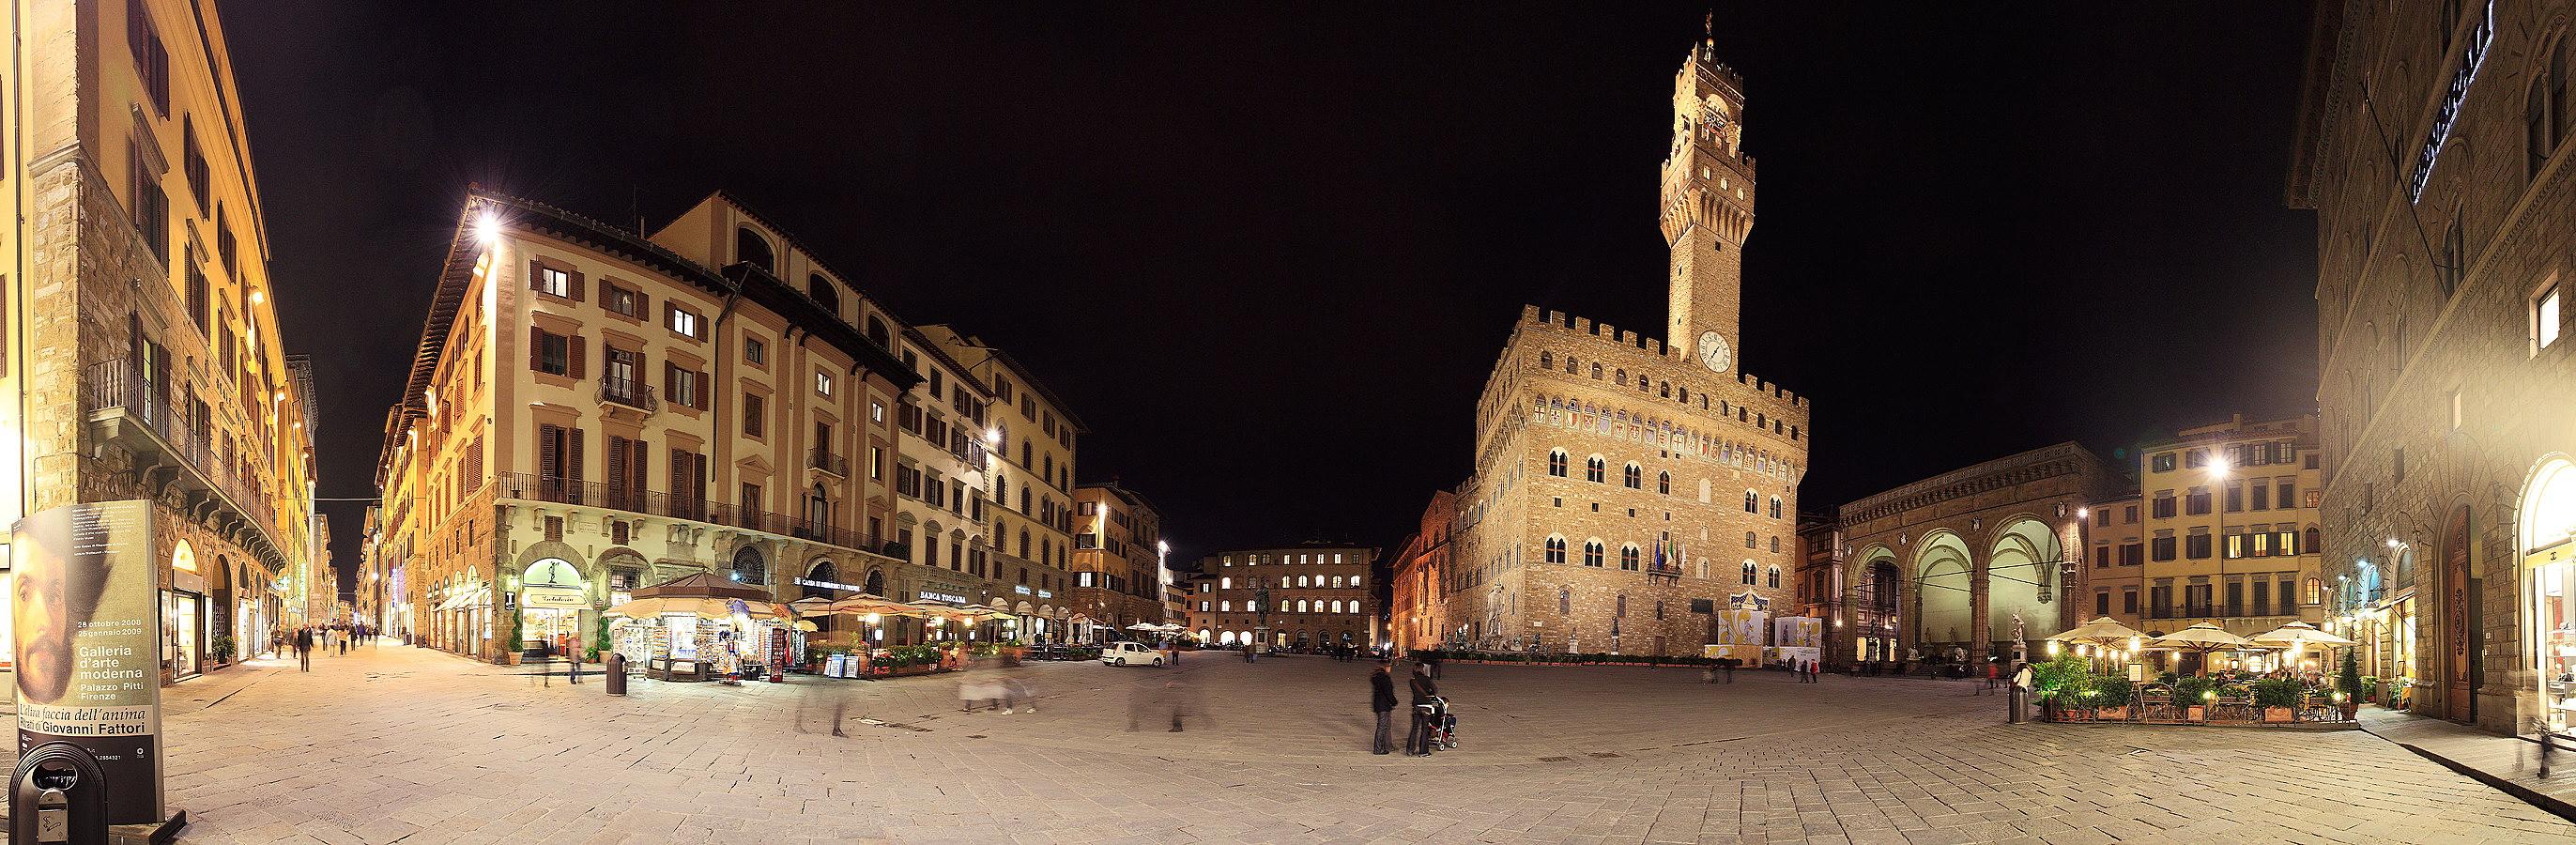 Image result for Piazza della Signoria